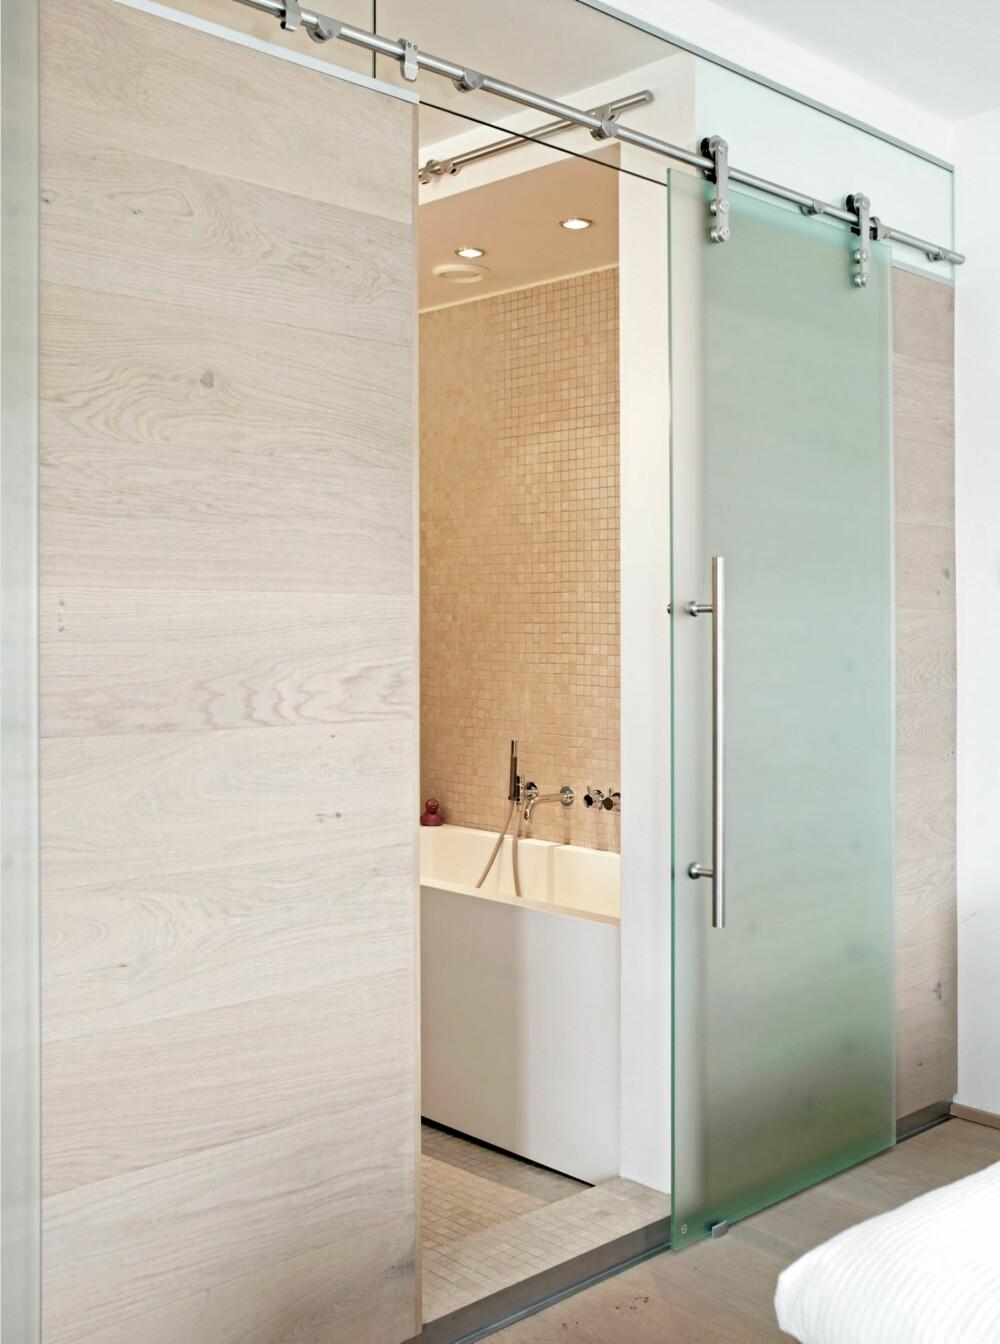 INN TIL BADET. Badet er tilknyttet soverommet, og skilles ved hjelp av en skyvedør i frostet glass.